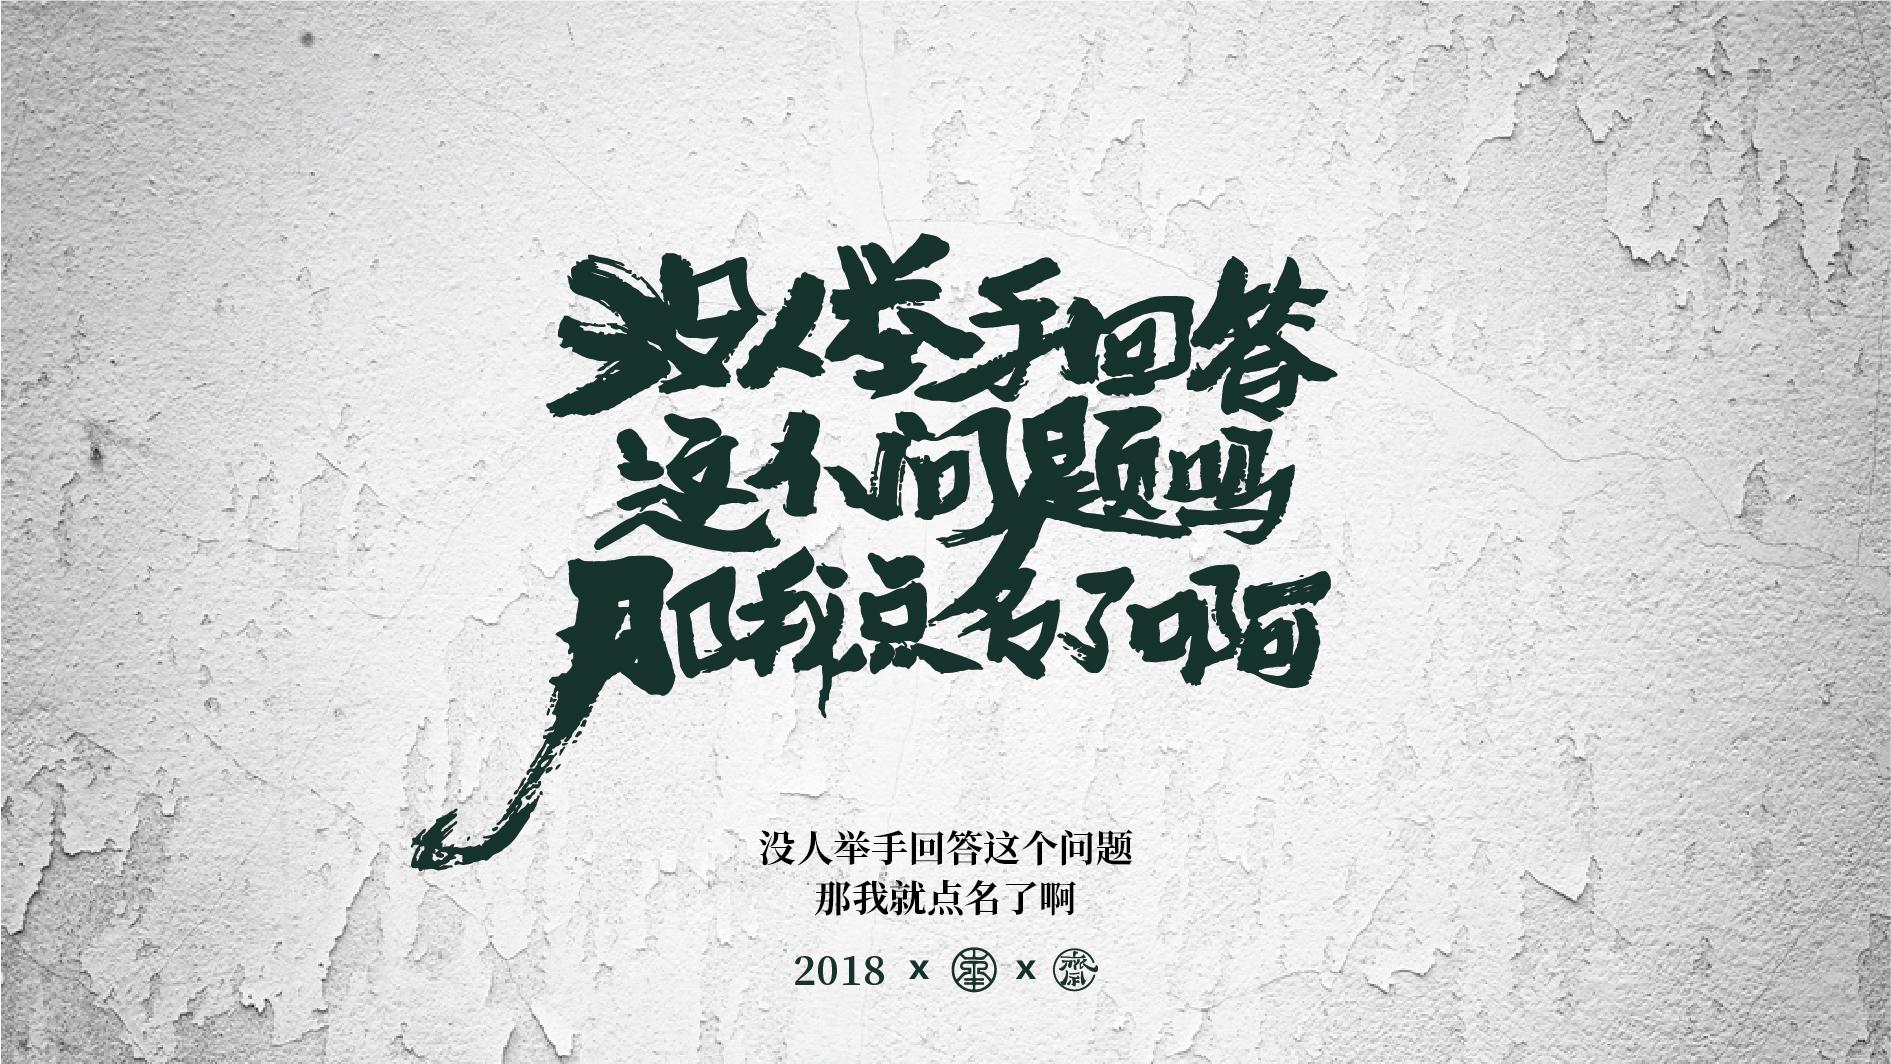 超超大神手写毛笔字第1波 之教师节系列插图(19)